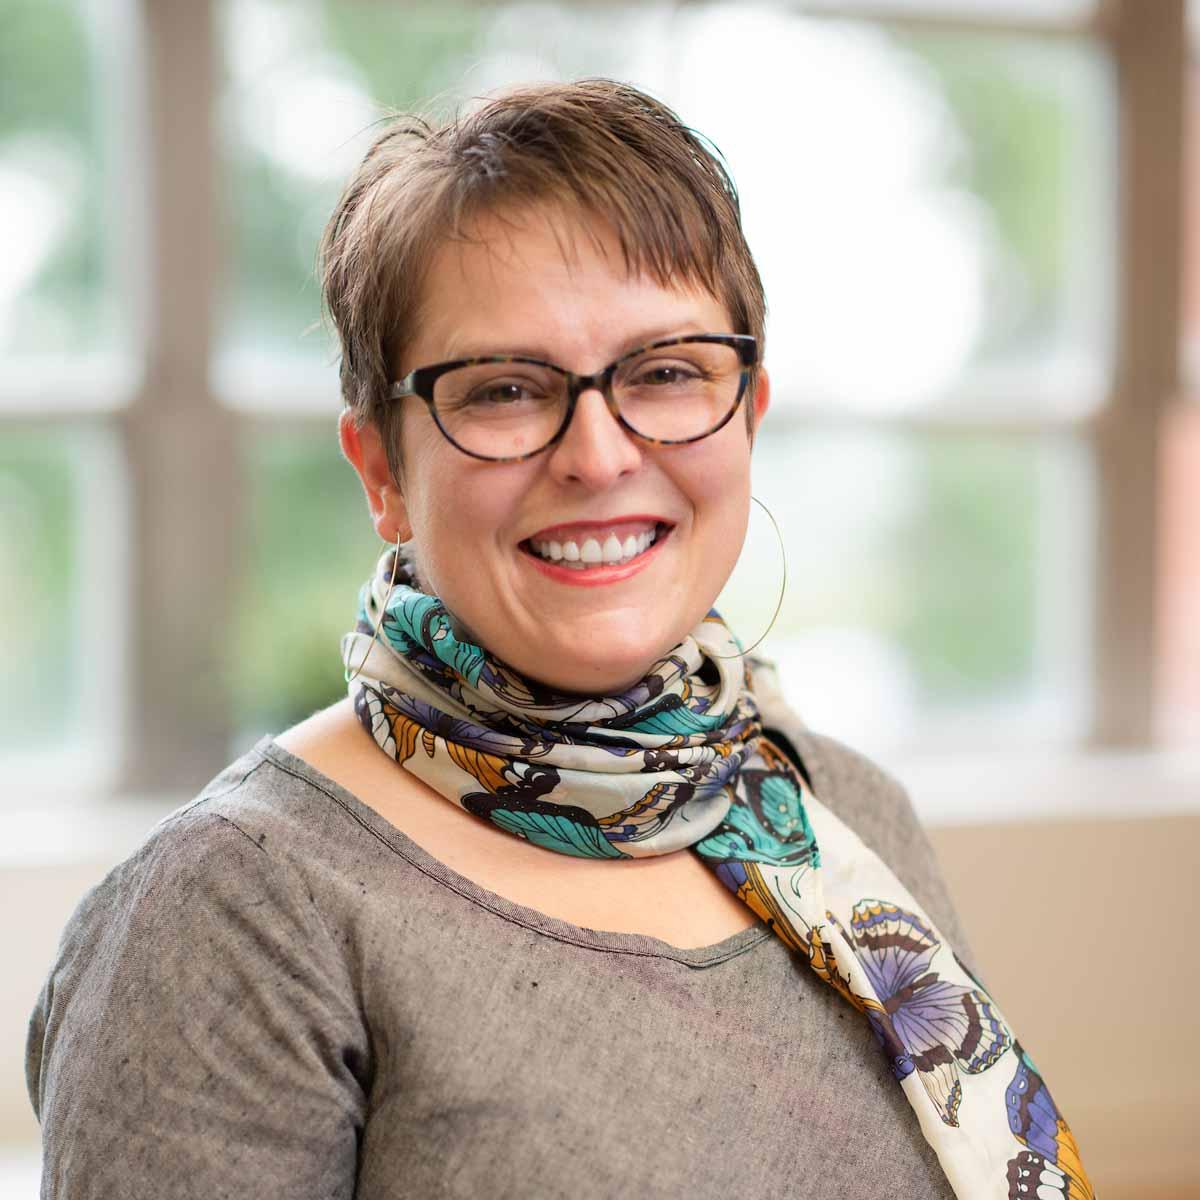 Lori Wahl